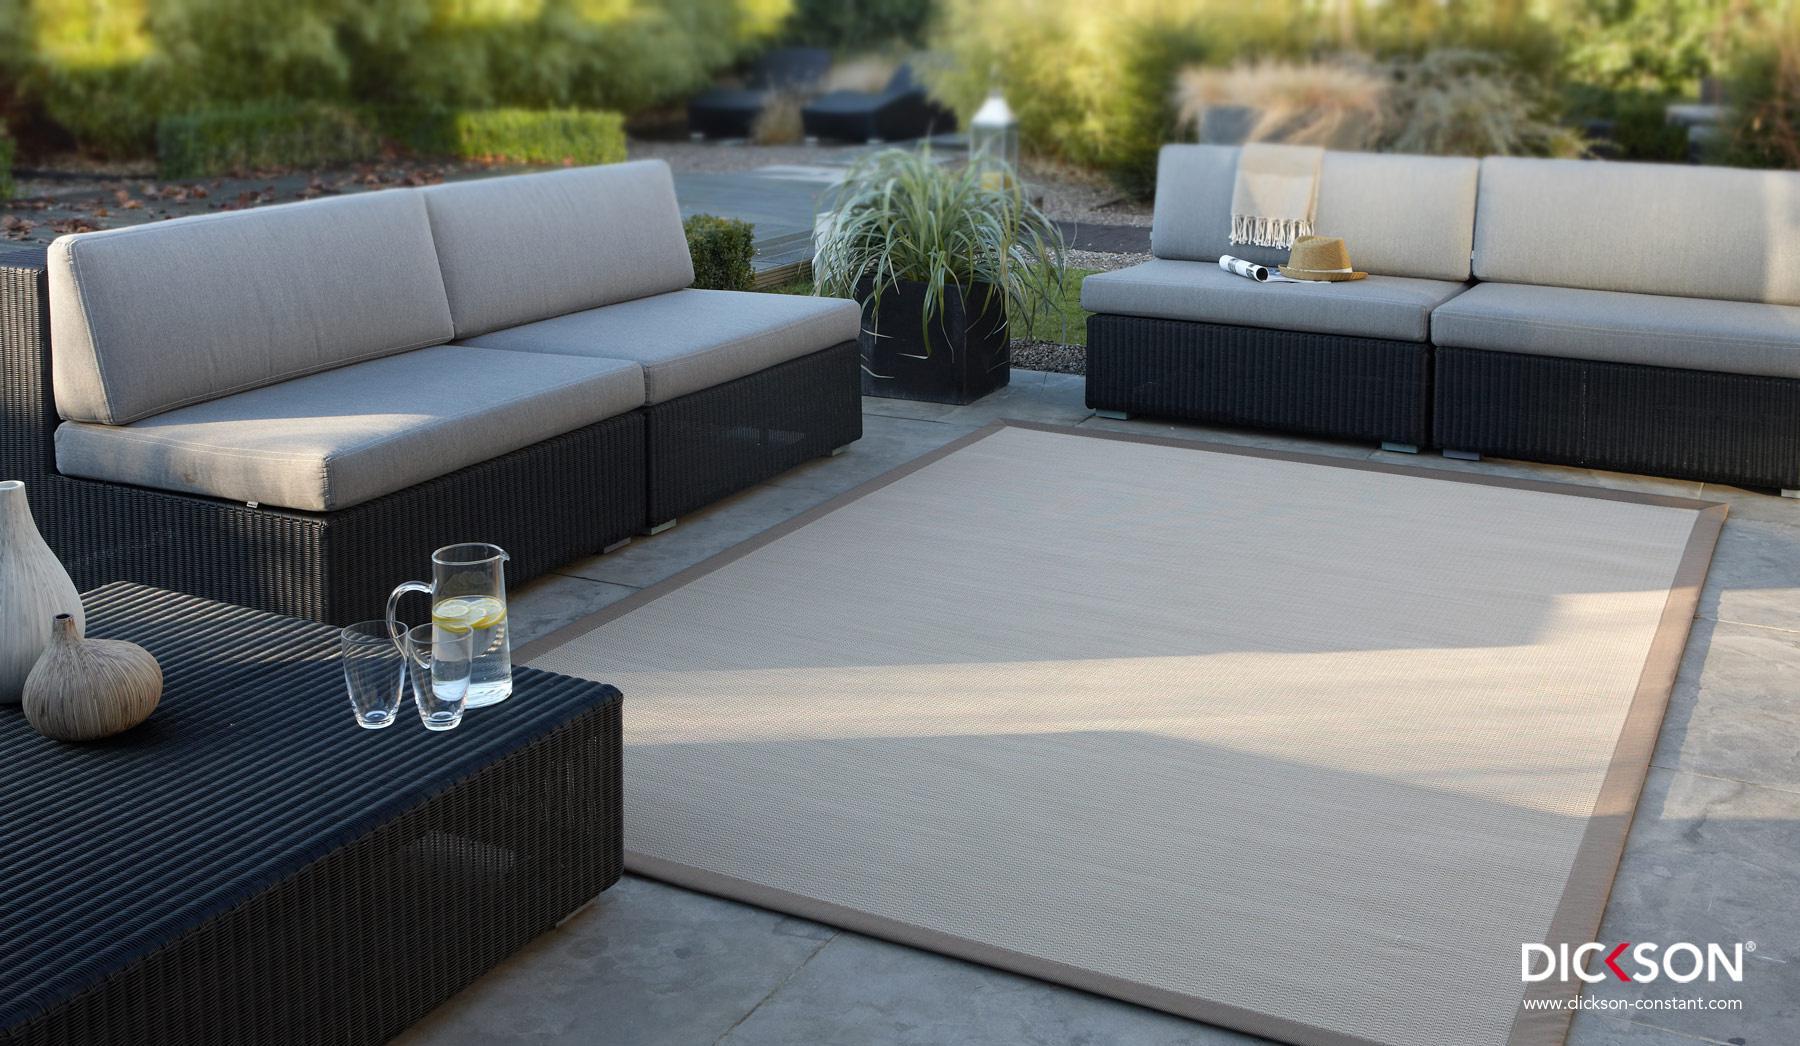 nieuws over technische stoffen dickson en sunbrella. Black Bedroom Furniture Sets. Home Design Ideas